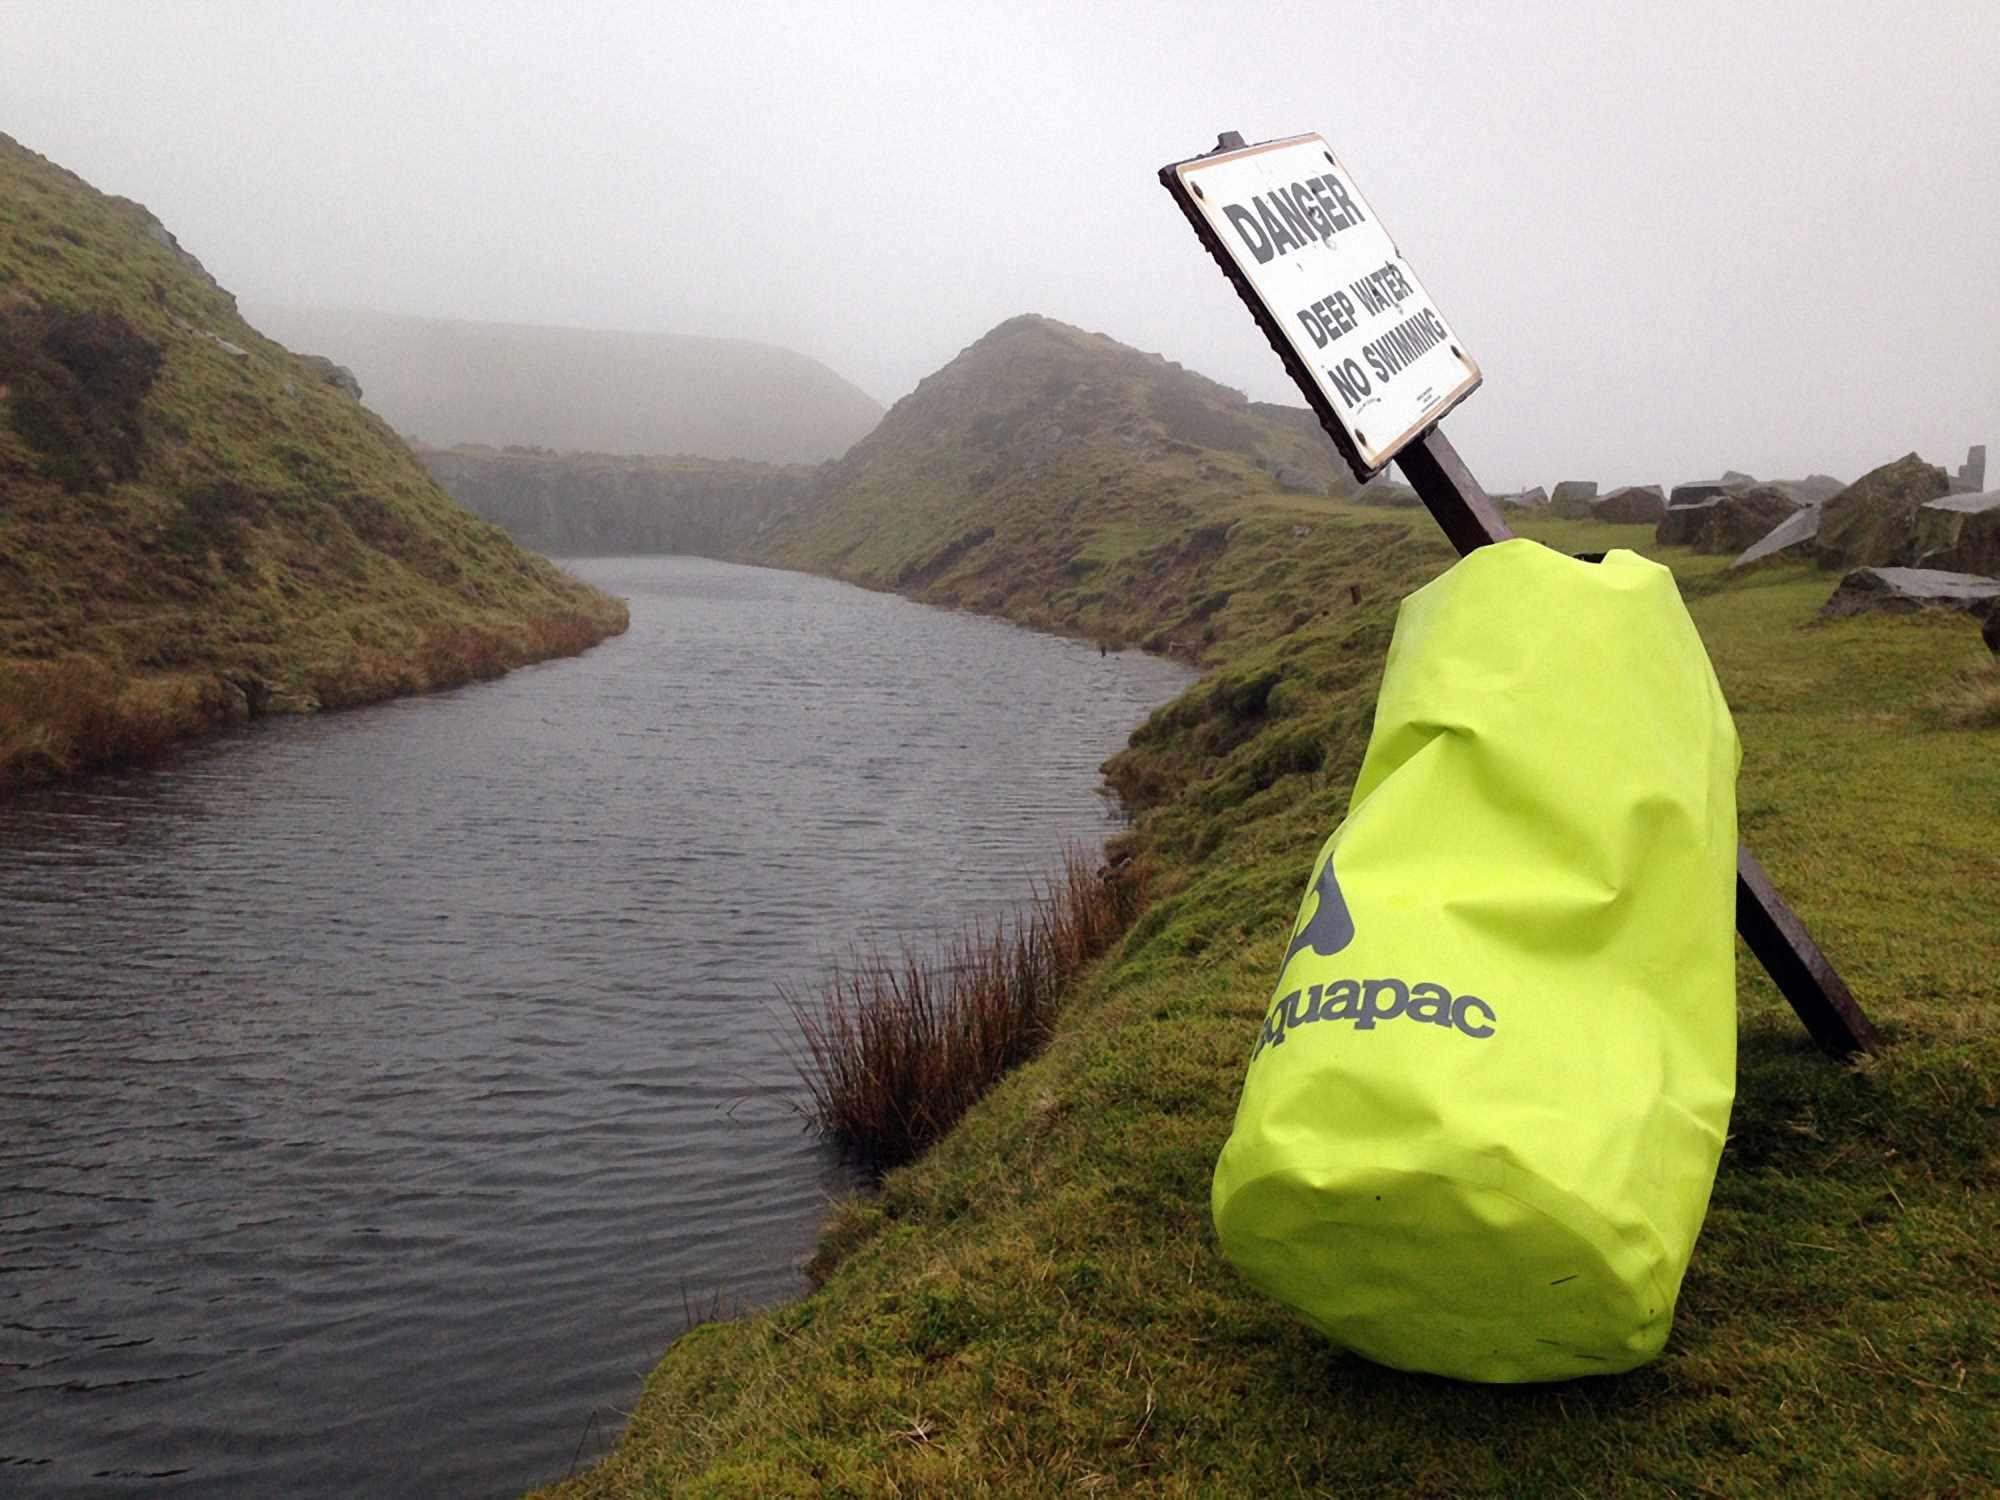 Водонепроницаемый гермомешок Aquapac 717 - TrailProof  Drybags - 70L.. Aquapac - №1 в мире водонепроницаемых чехлов и сумок. Фото 1